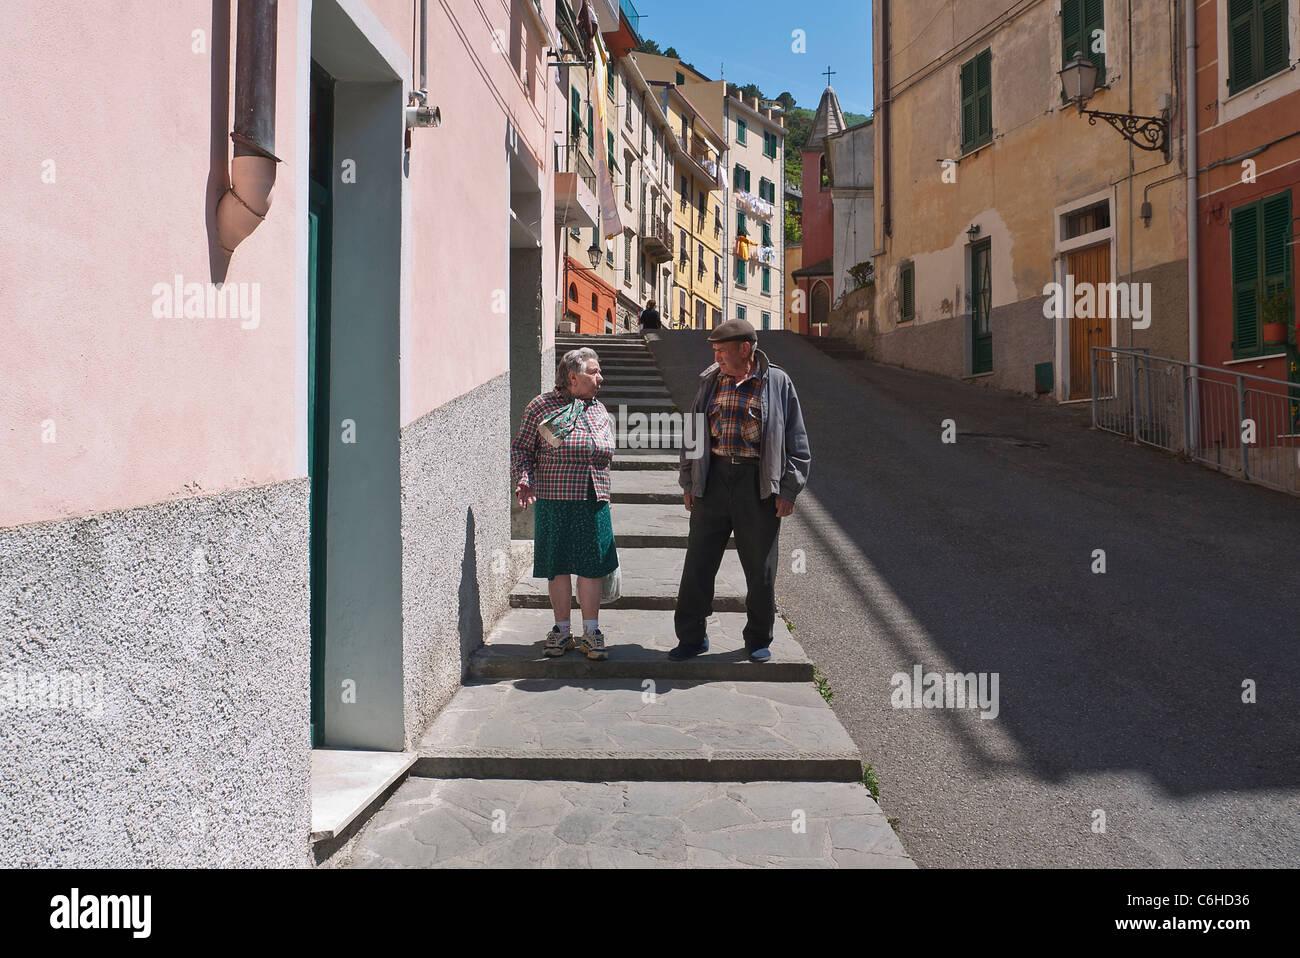 Un vieux couple italien talk et geste comme ils marchent sur le trottoir dans leur village de Riomaggiore, Cinque Terre, Italie. Banque D'Images